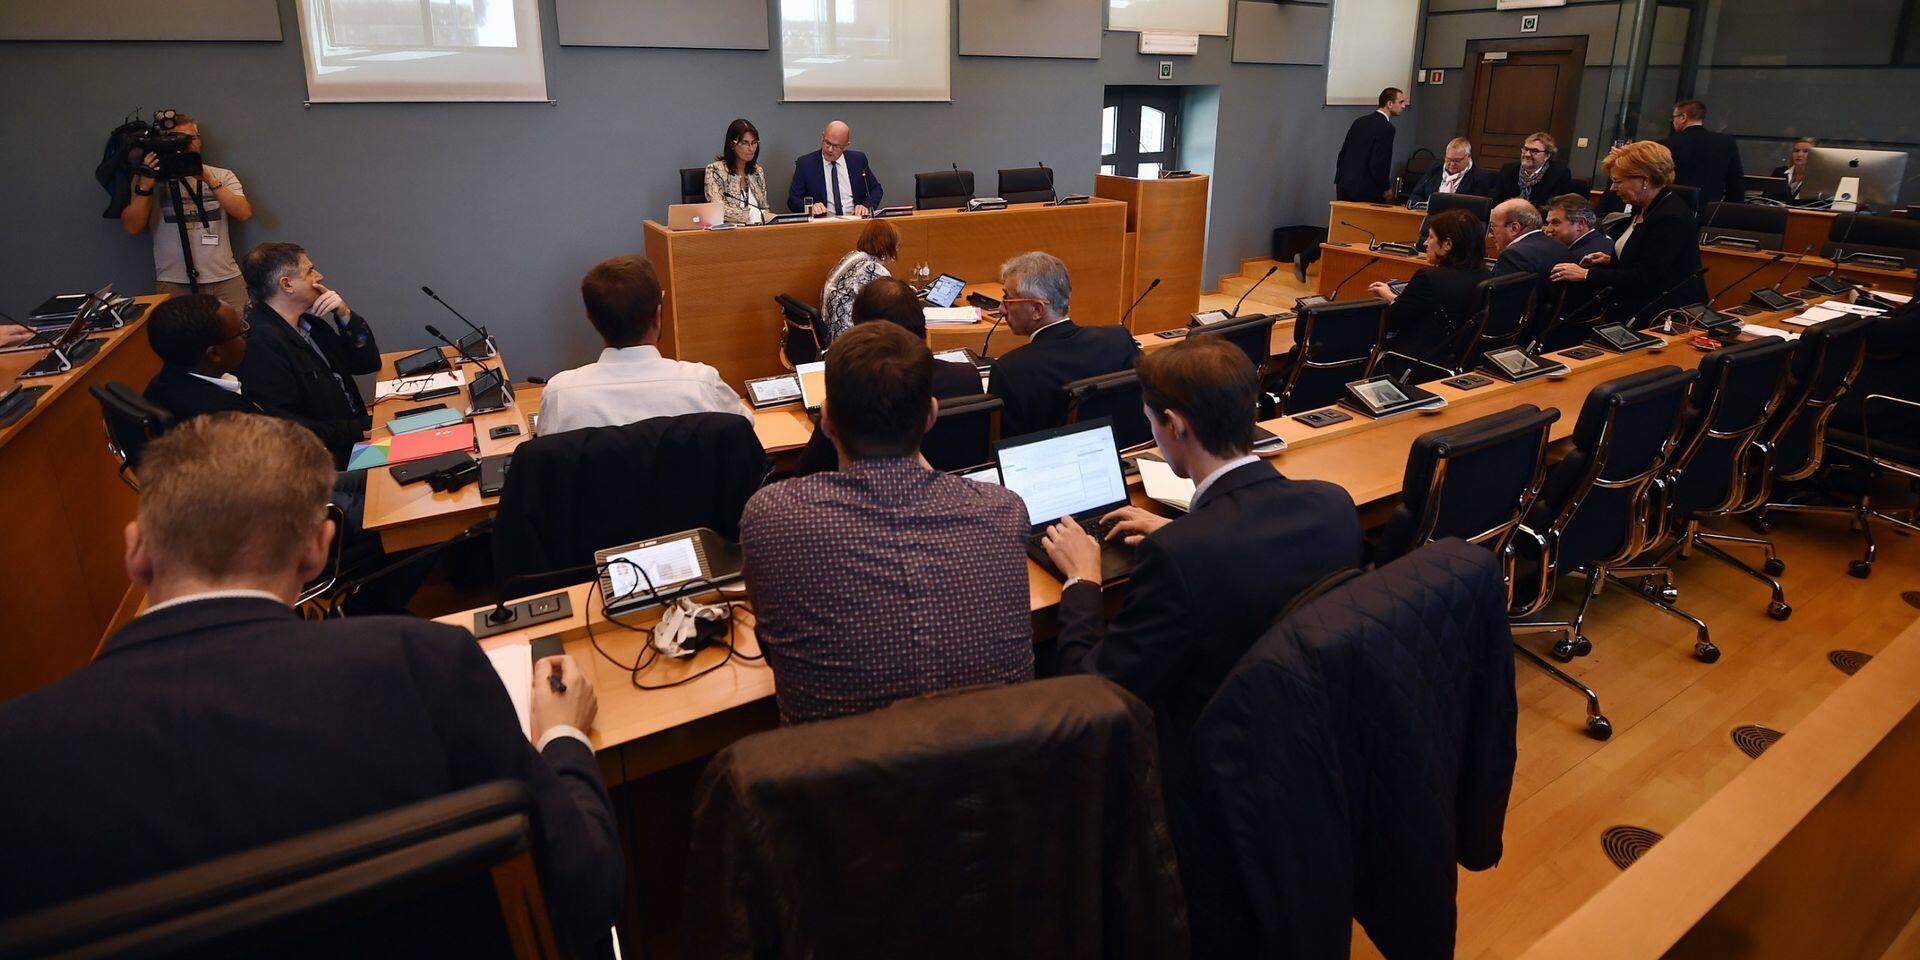 Affaire Nethys: le gouvernement wallon a donné un sacré coup de pied dans la fourmilière mais l'incertitude demeure